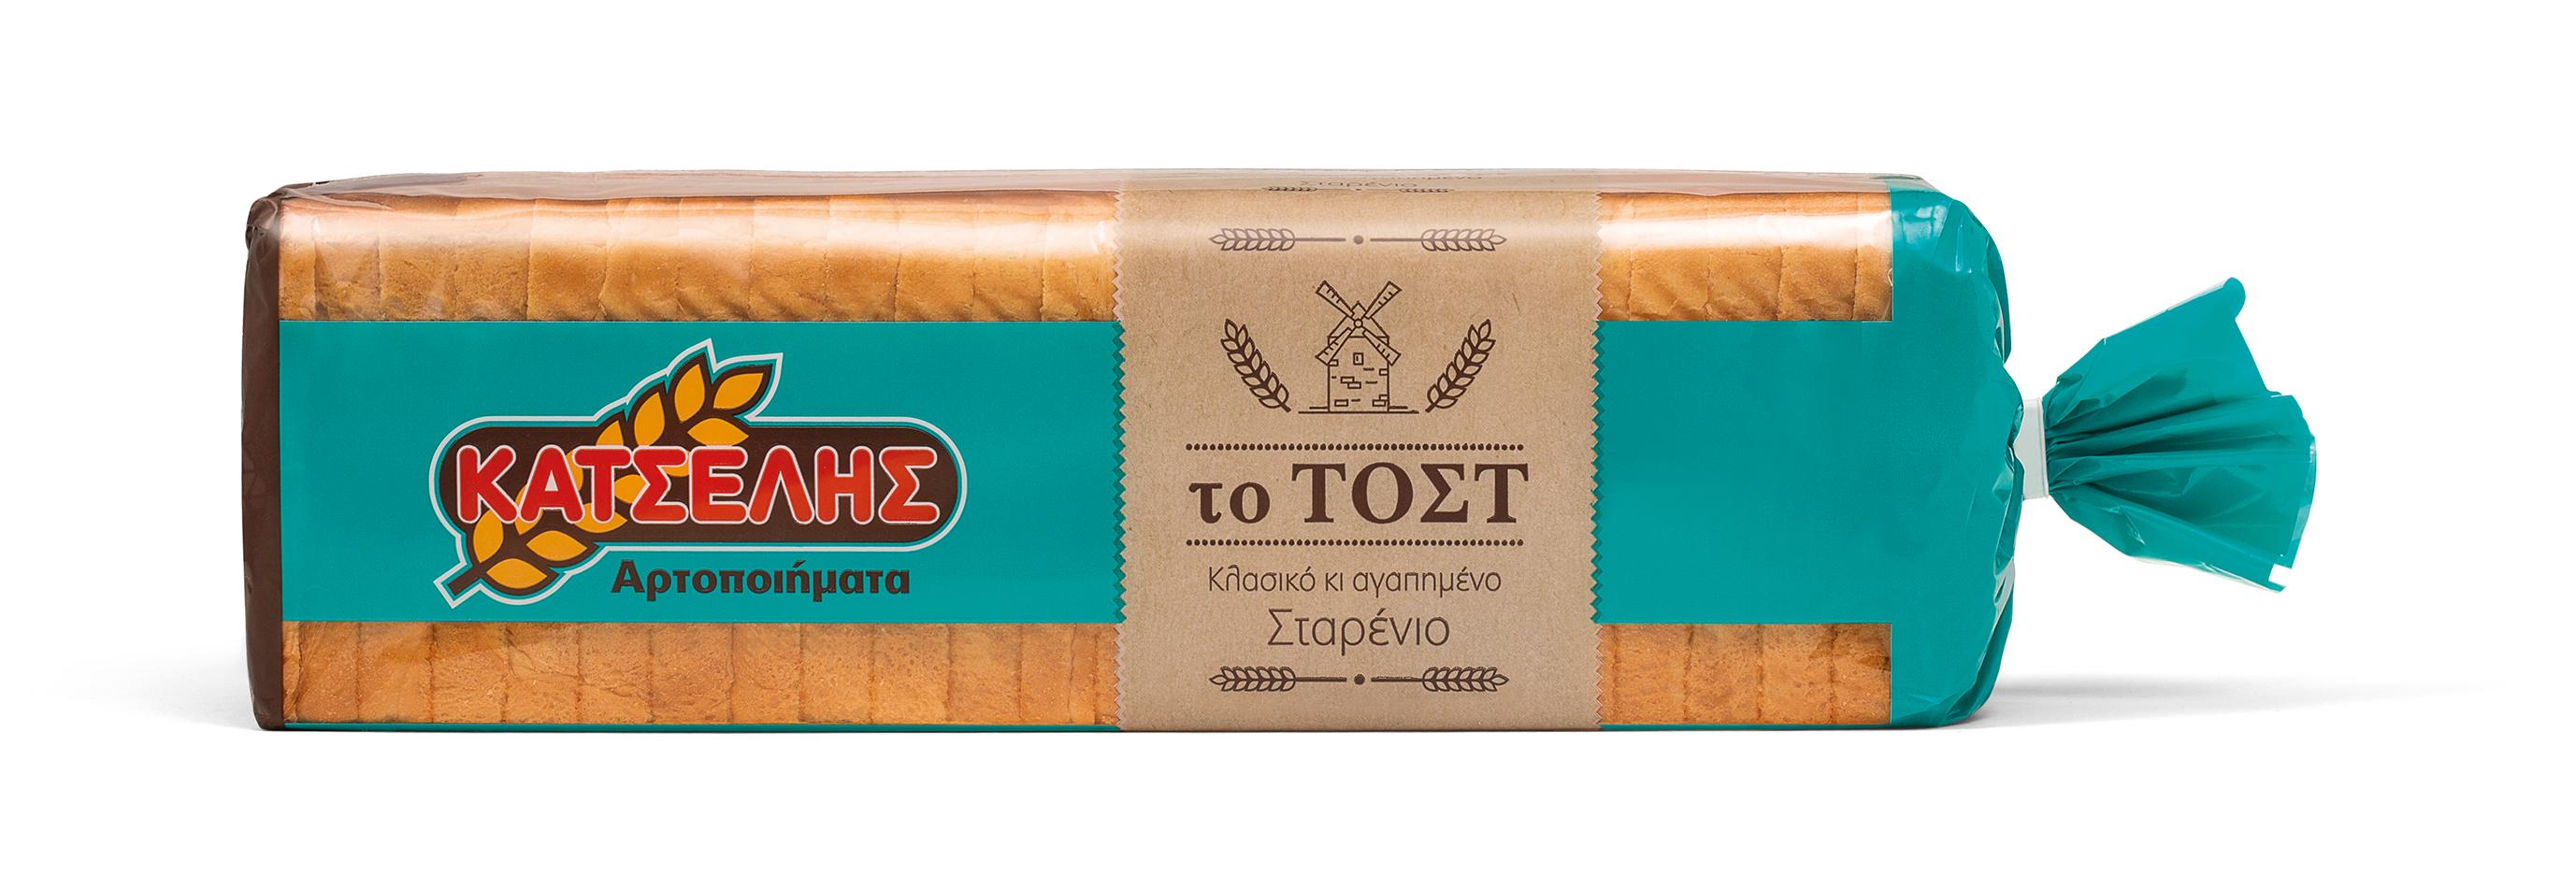 Ψωμί Το Τόστ Σταρένιο Κατσέλης (720 g)